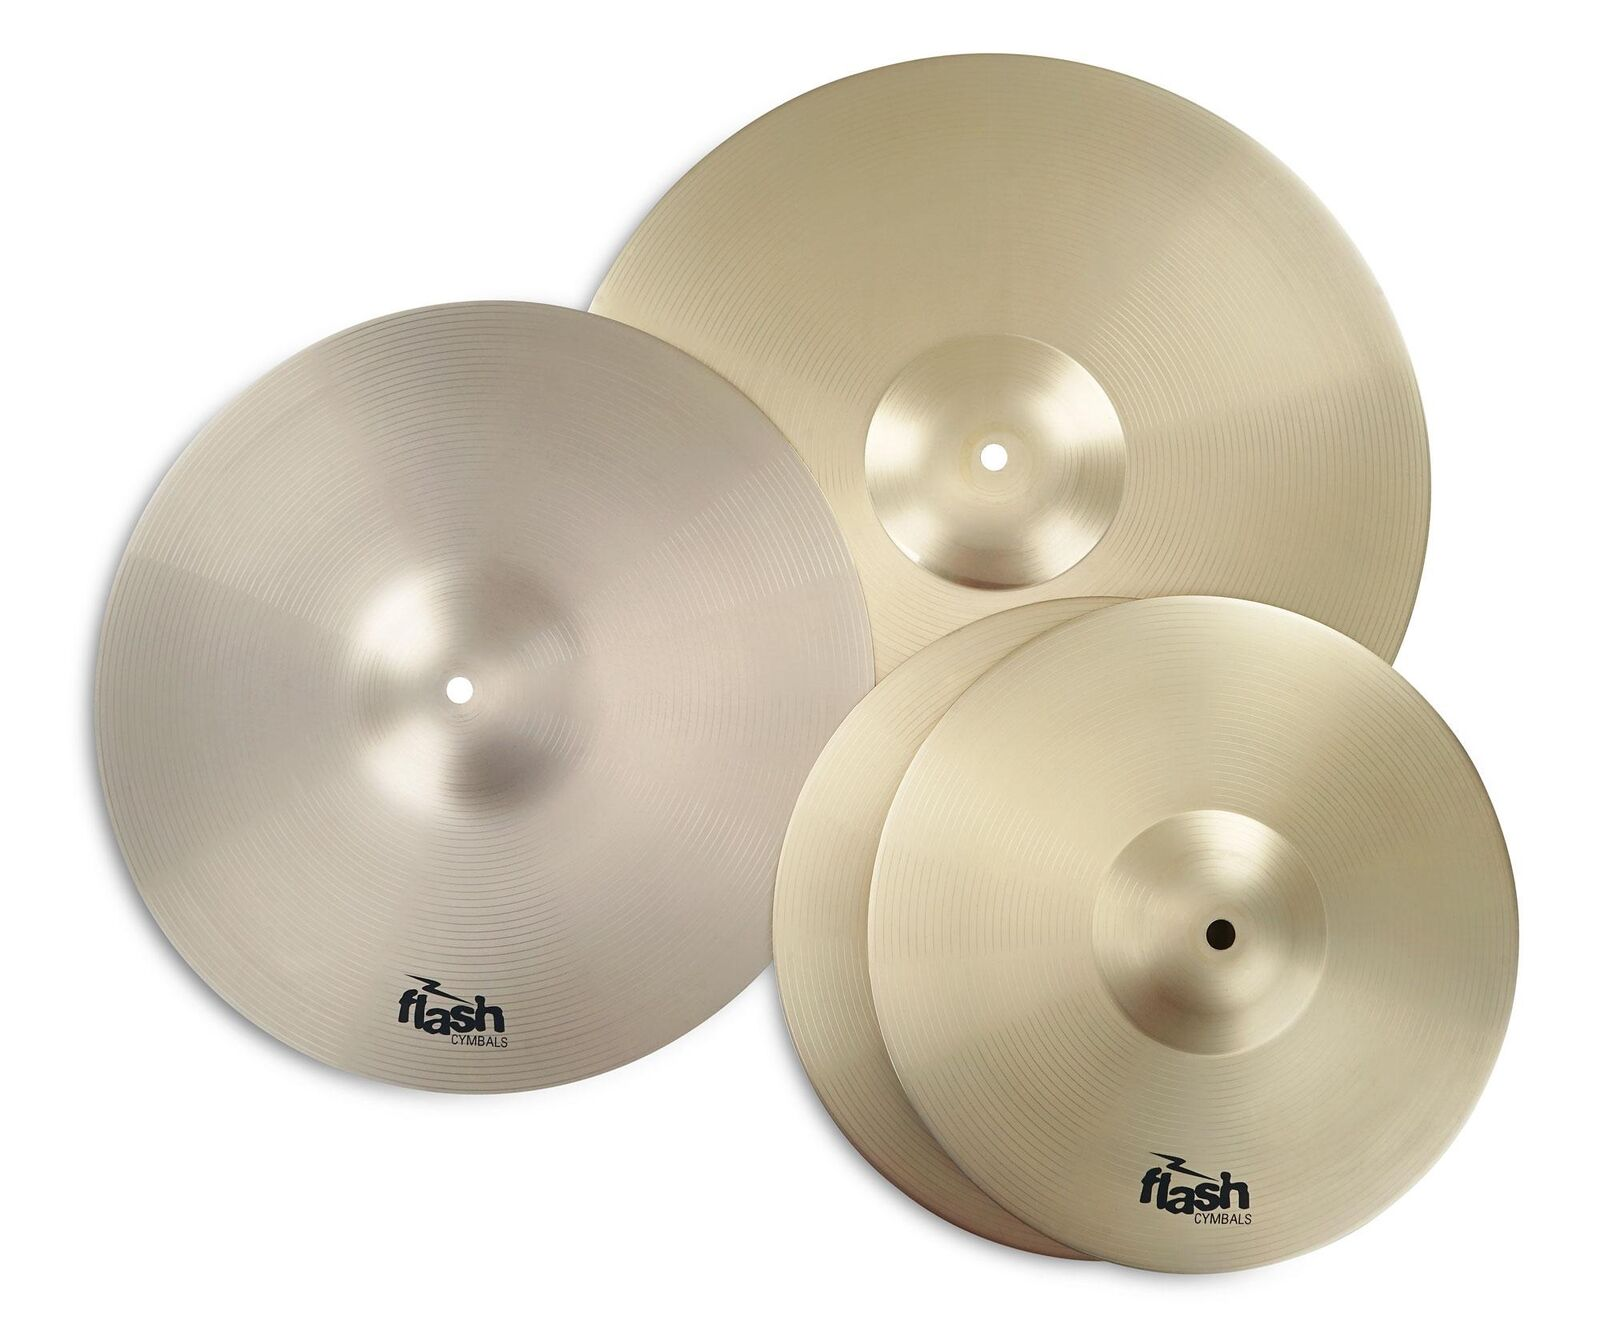 4x Flash Cymbals Ideal for Beginner Set 2 x 13'' Hi Hat + 16'' Crash + 18'' Ride